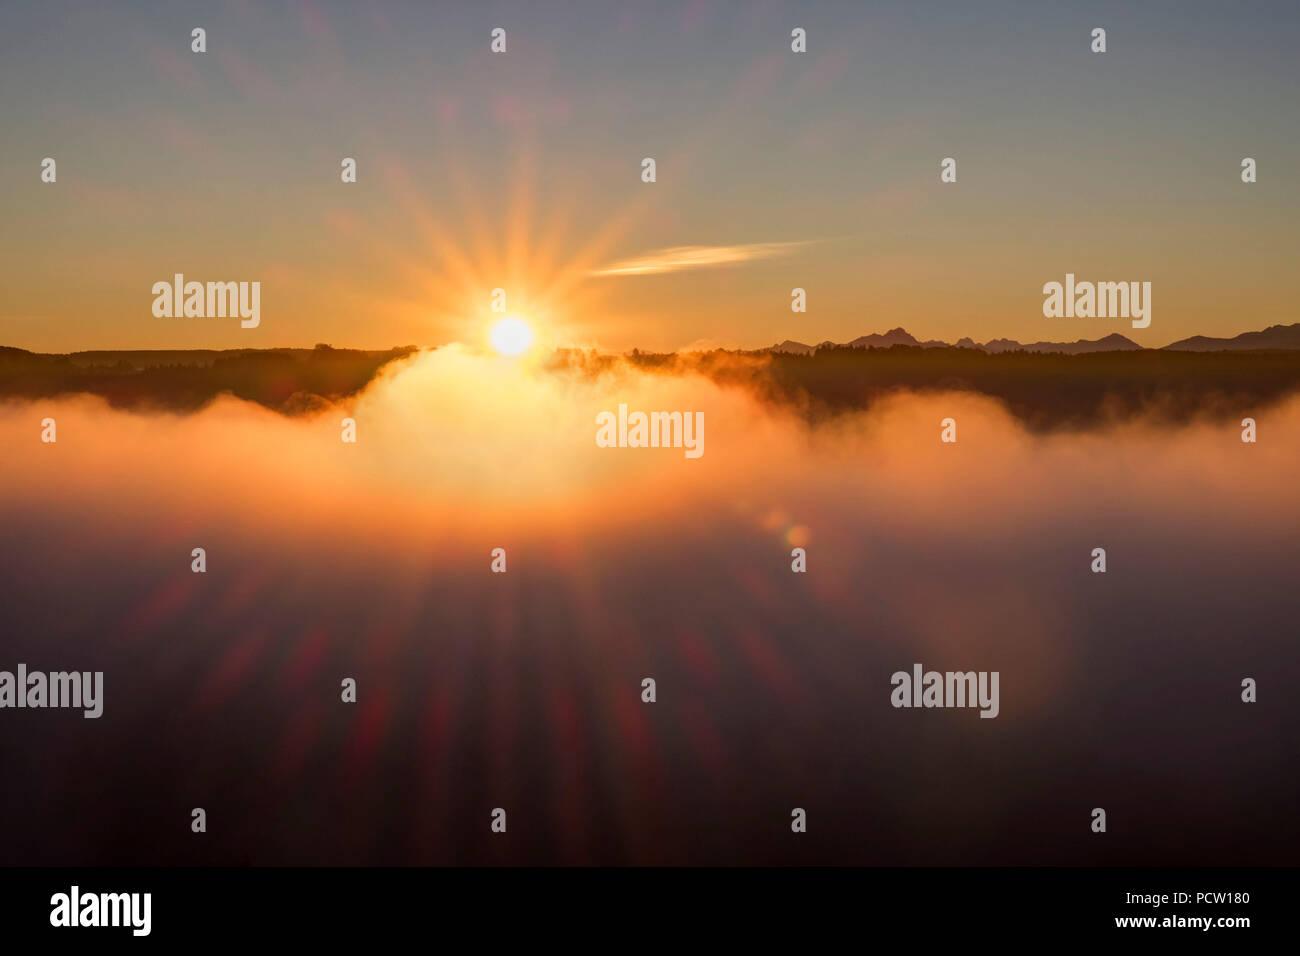 Sunrise, White Wall at Icking, Pupplinger Au, Upper Bavaria, Bavaria, Germany - Stock Image